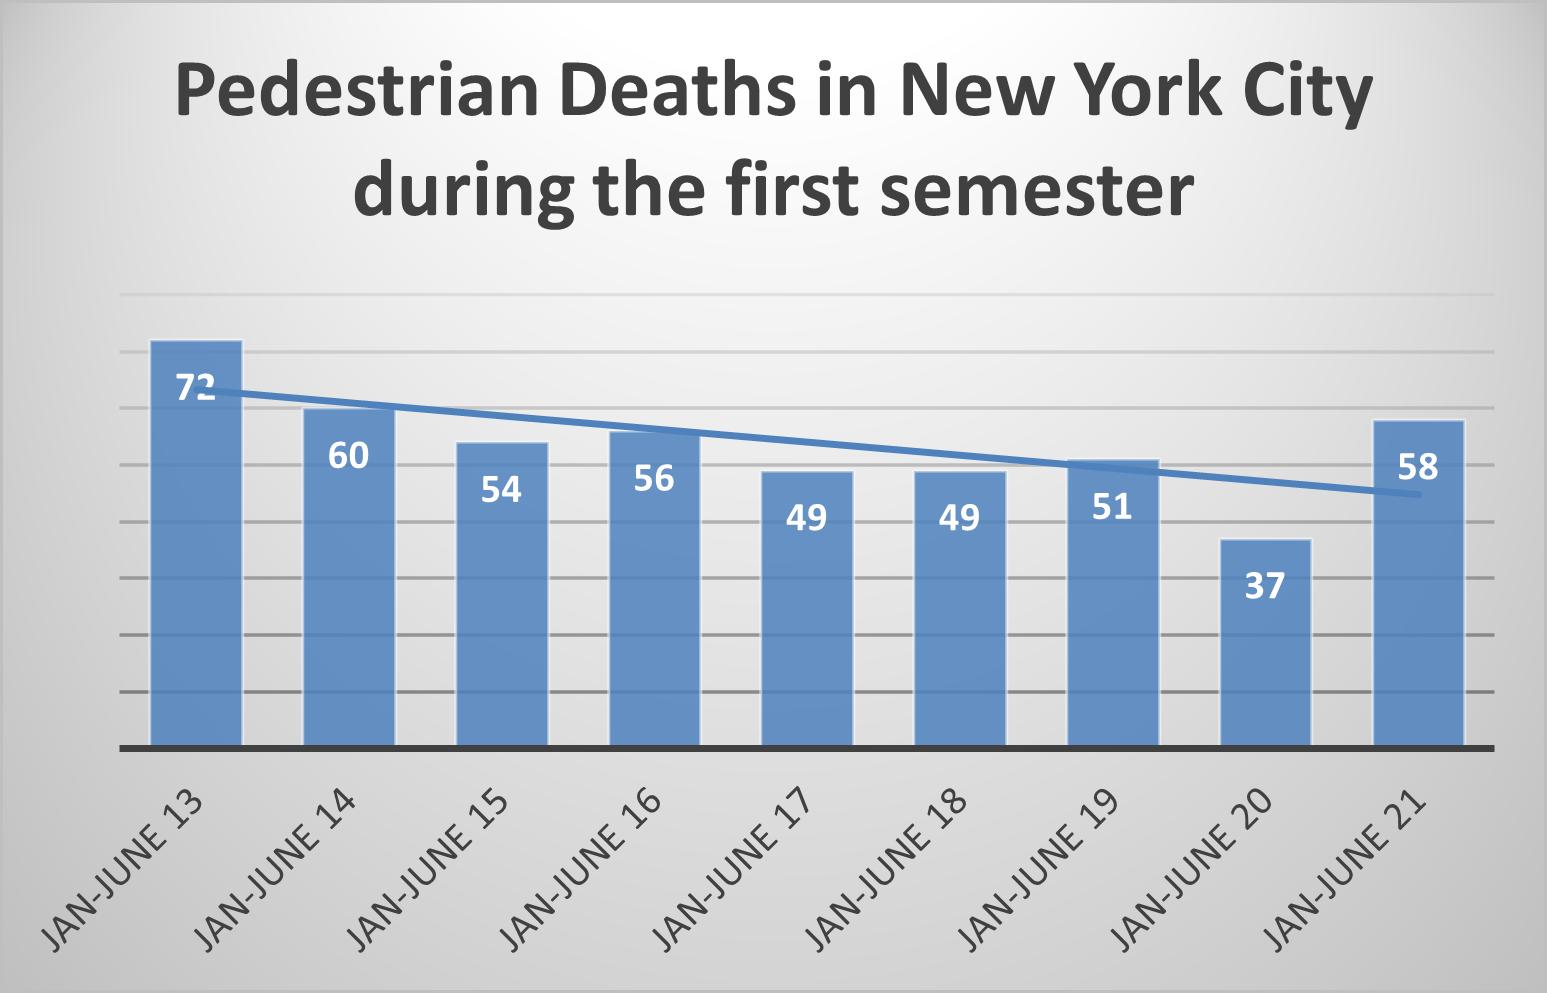 New York City pedestrian deaths 1st sem 2021